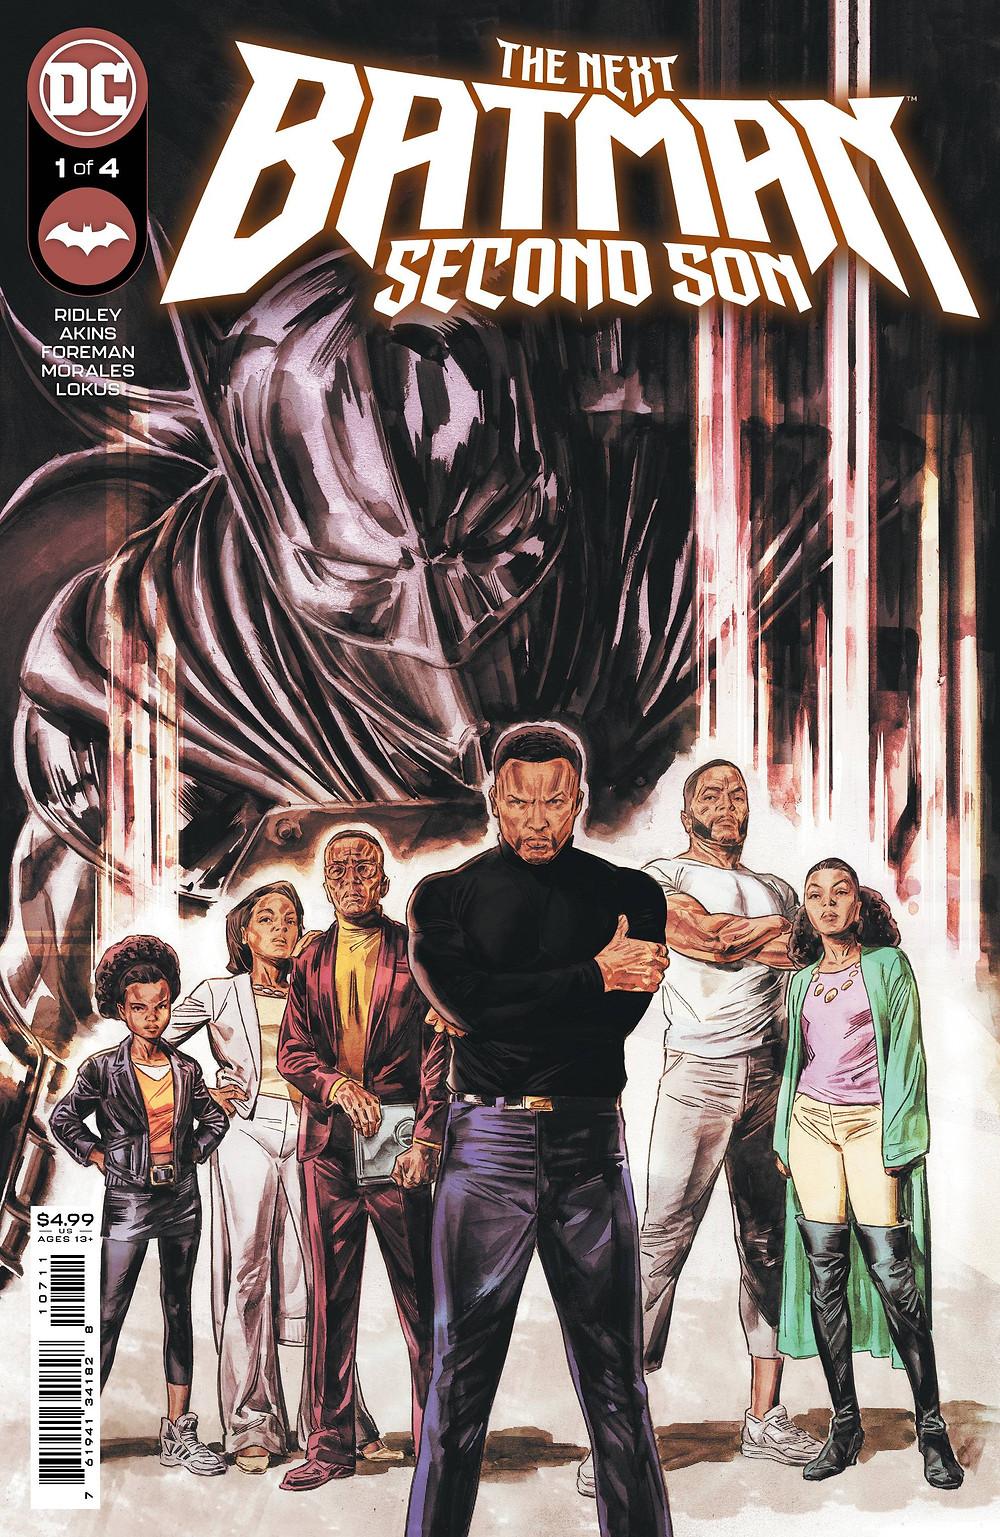 Next Batman: Second Son #1 cover